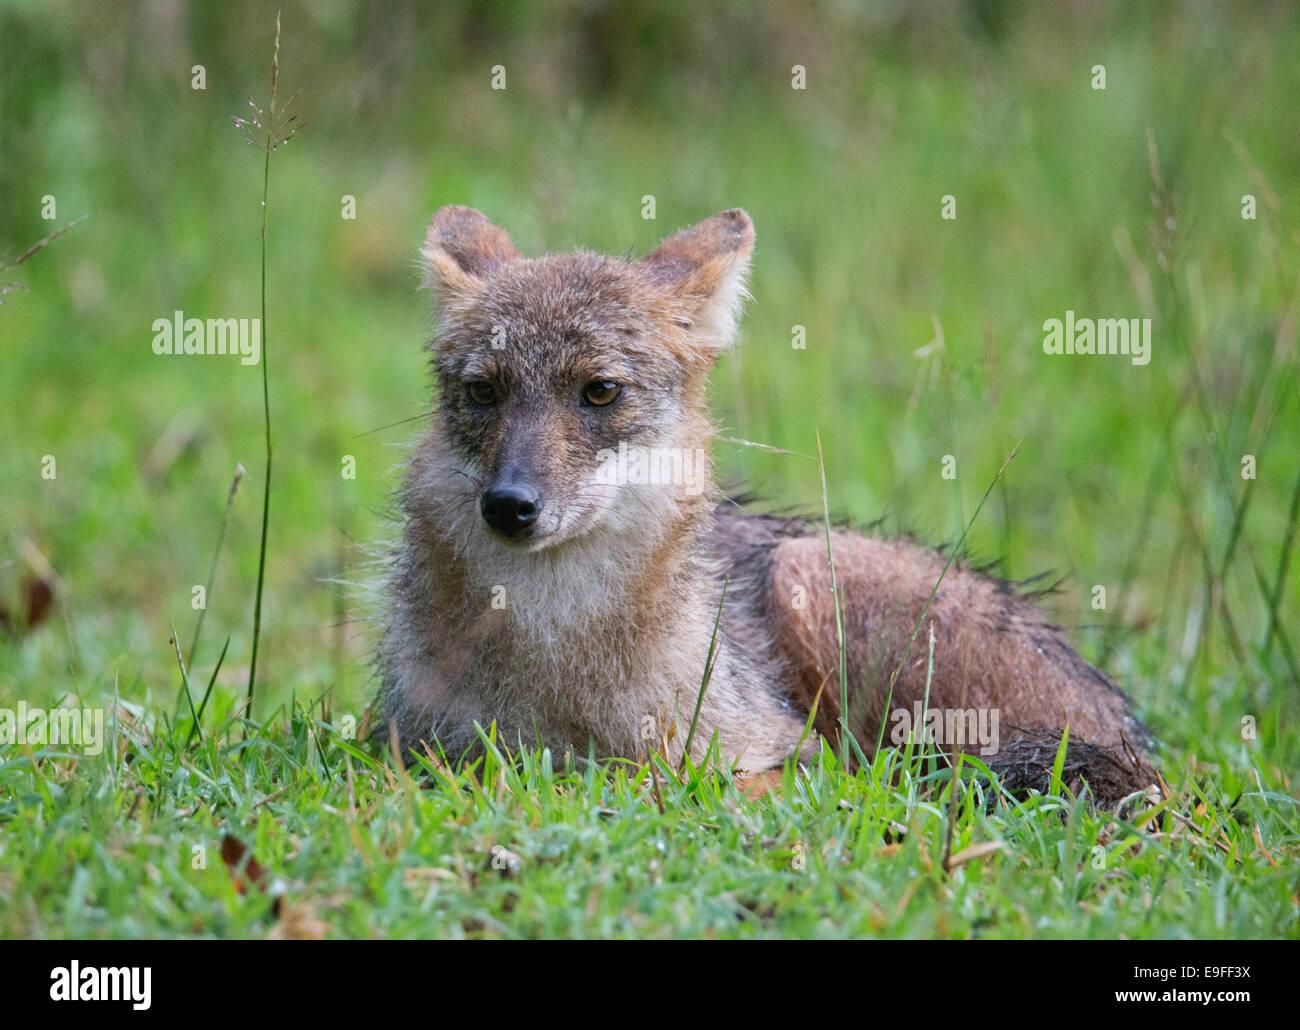 Le Chacal (Canis aureus siamois cruesemanni), une sous-espèce de chacal doré, Huai Kha Khaeng Wildlife Sanctuary, Thaïlande Banque D'Images